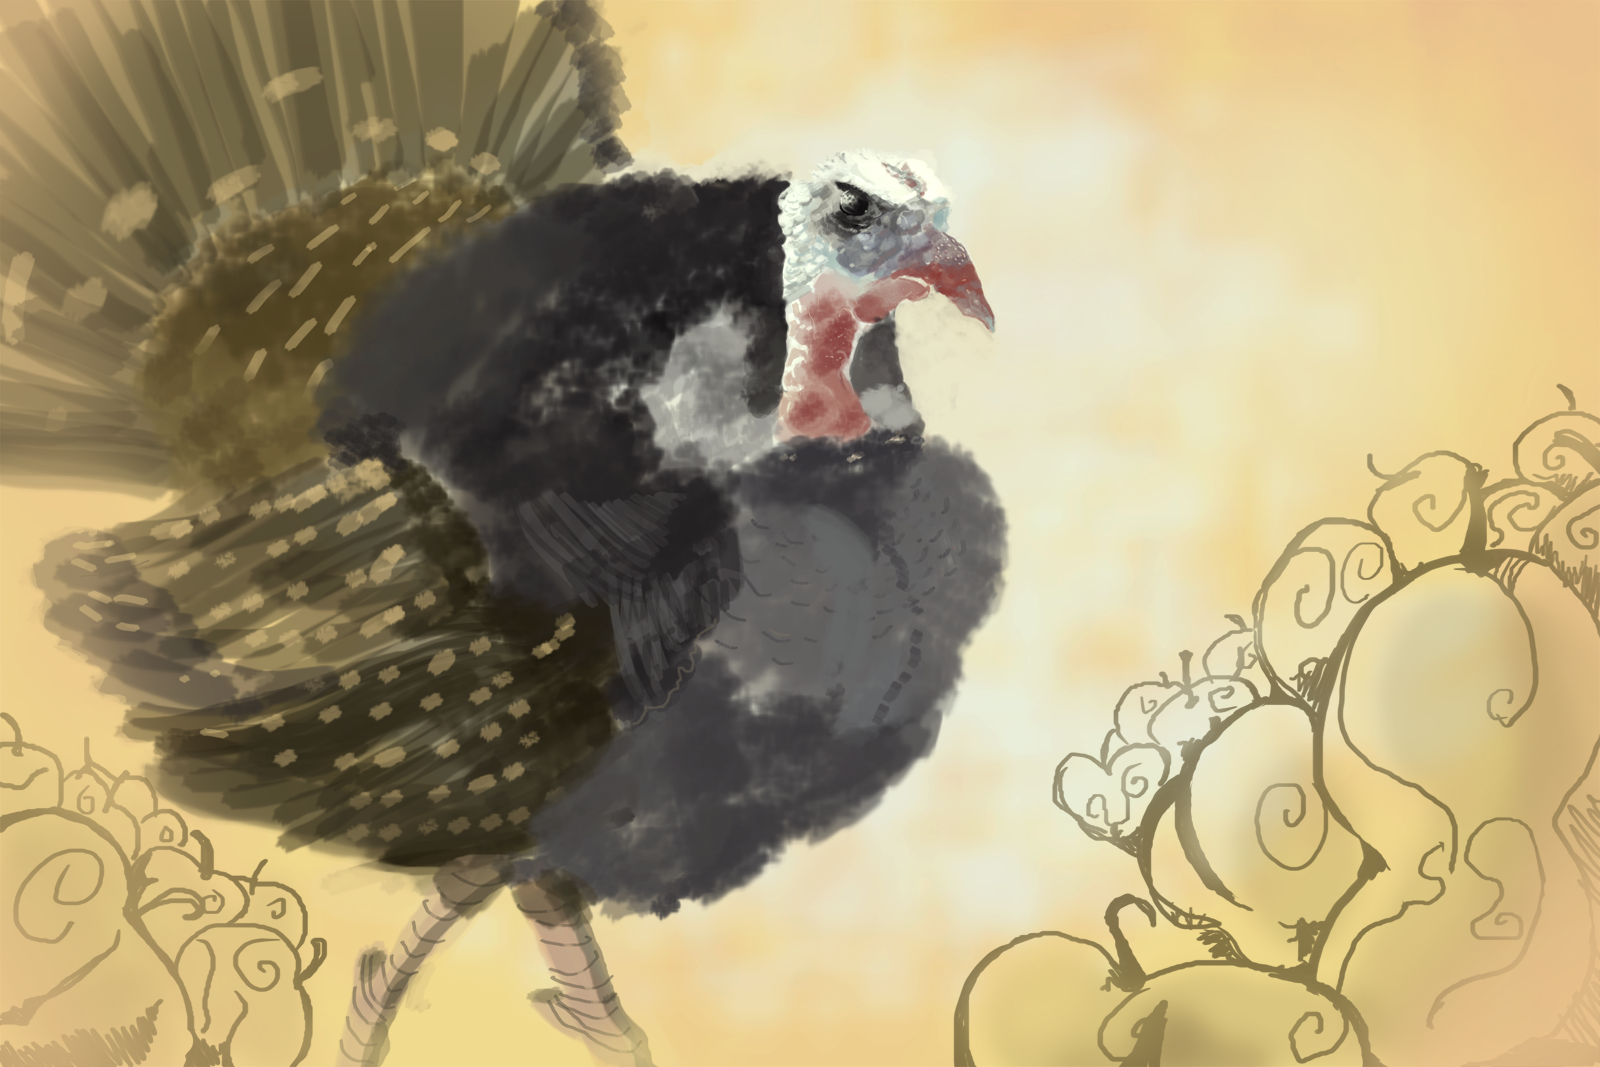 It be a Turkey